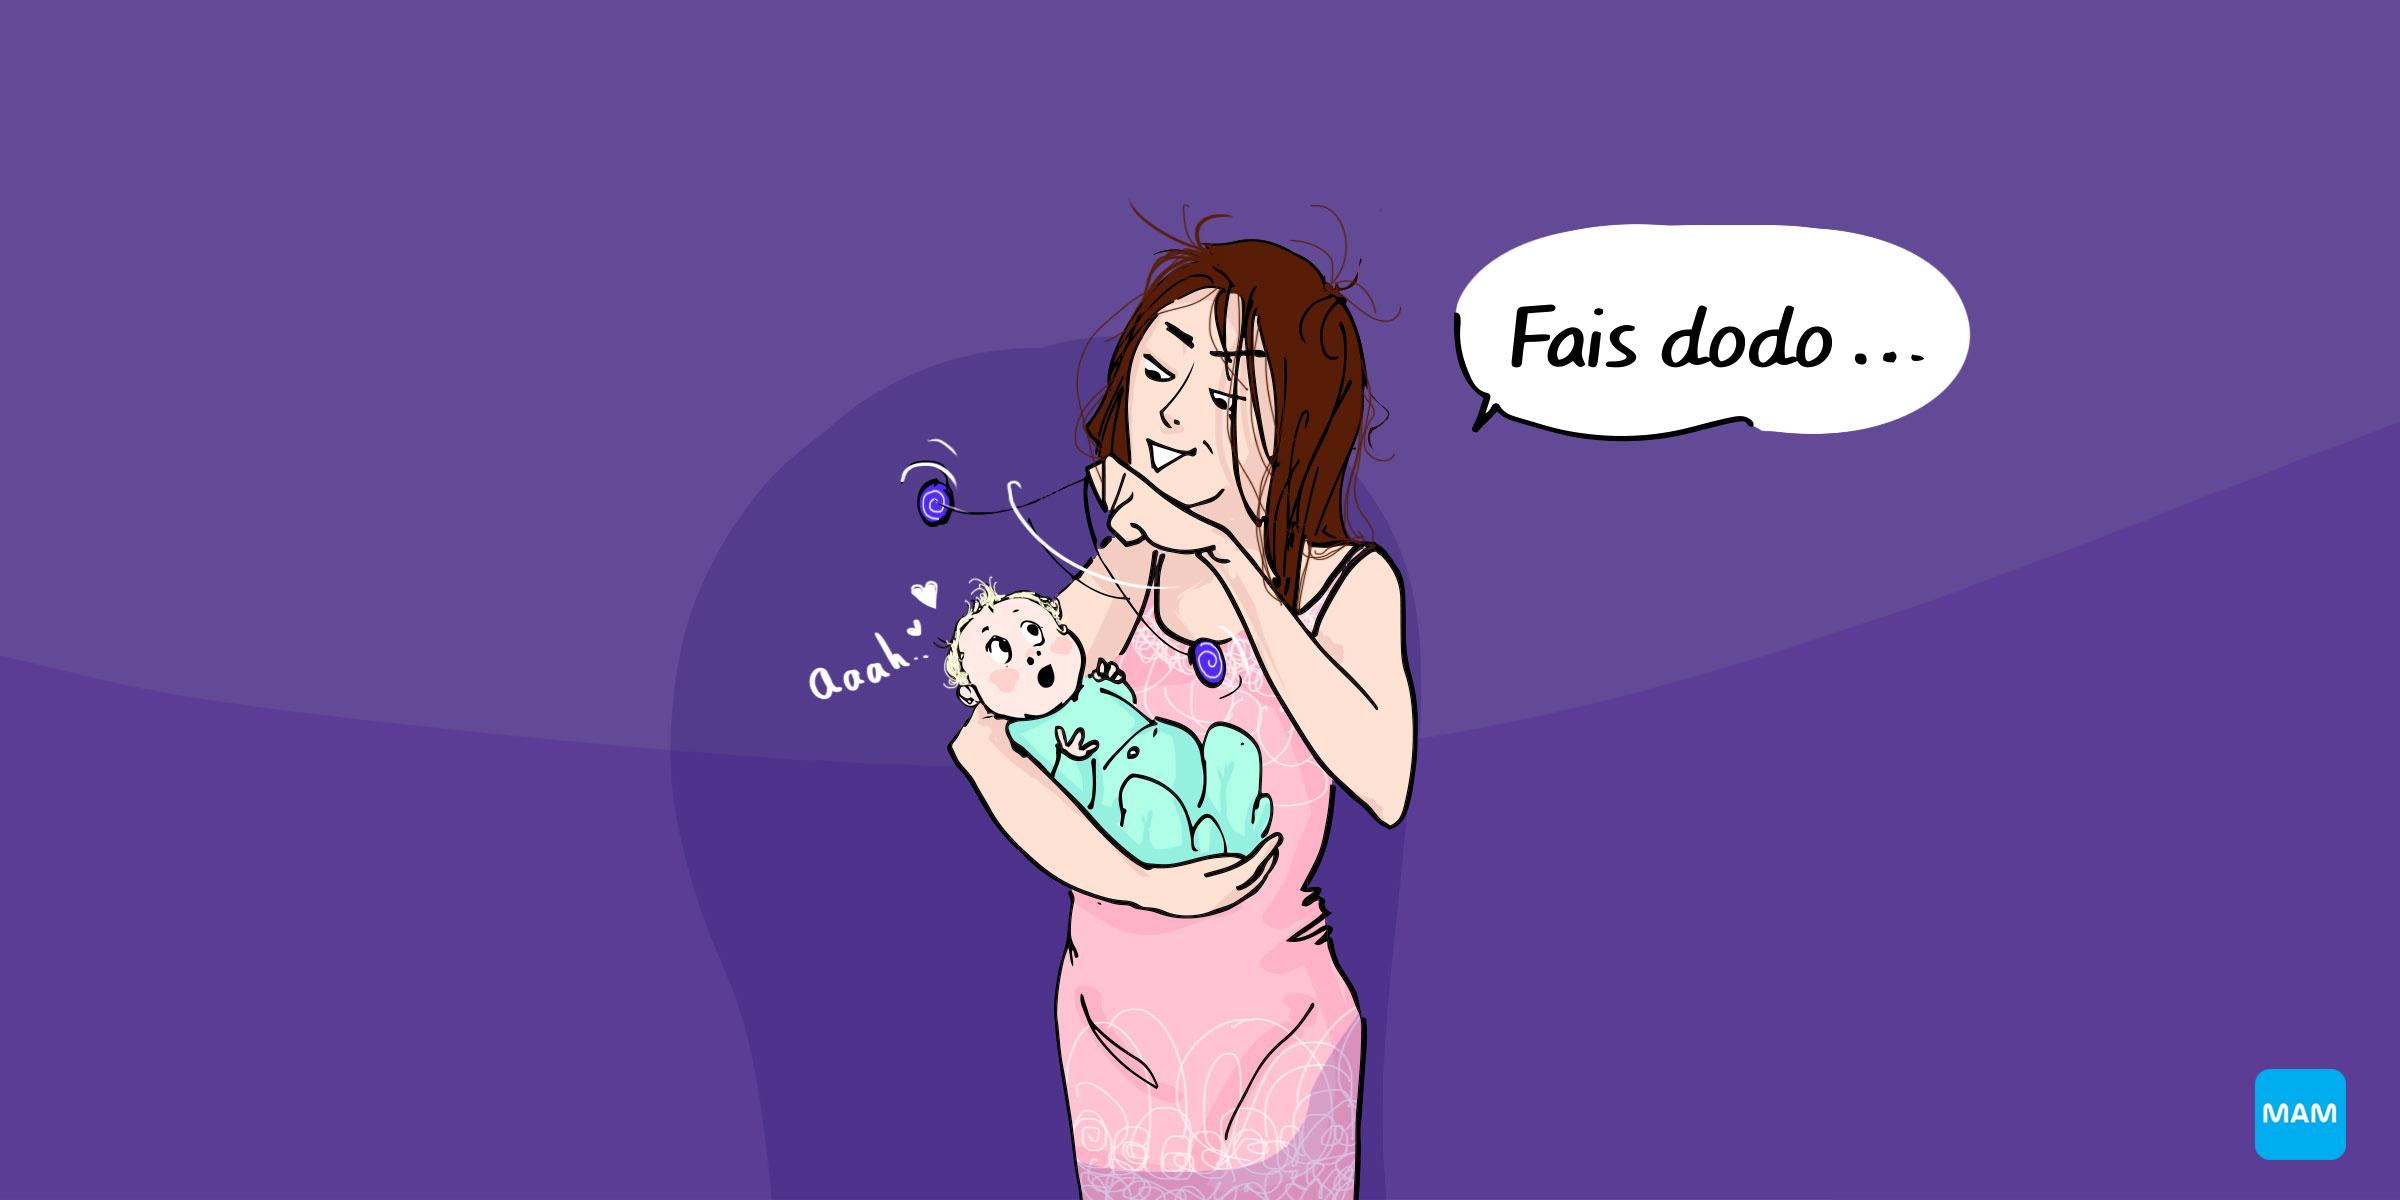 Ces choses auxquelles on pense quand bébé nous réveille la nuit - 1er mois 2eme mois - Bonjour Grossesse